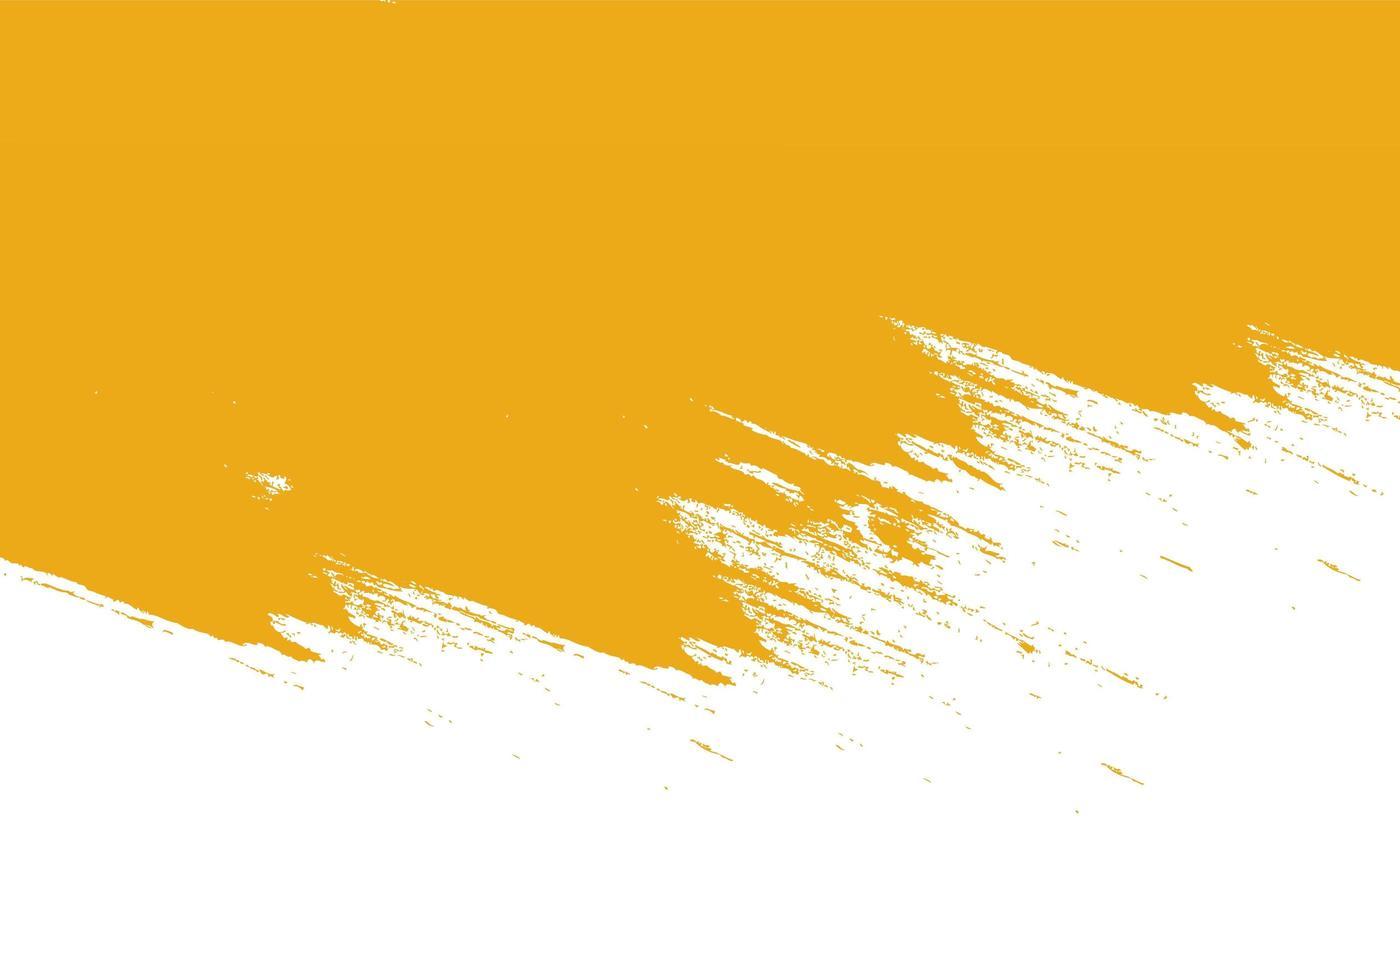 abstrakter orange Grunge Strich von der oberen Textur vektor